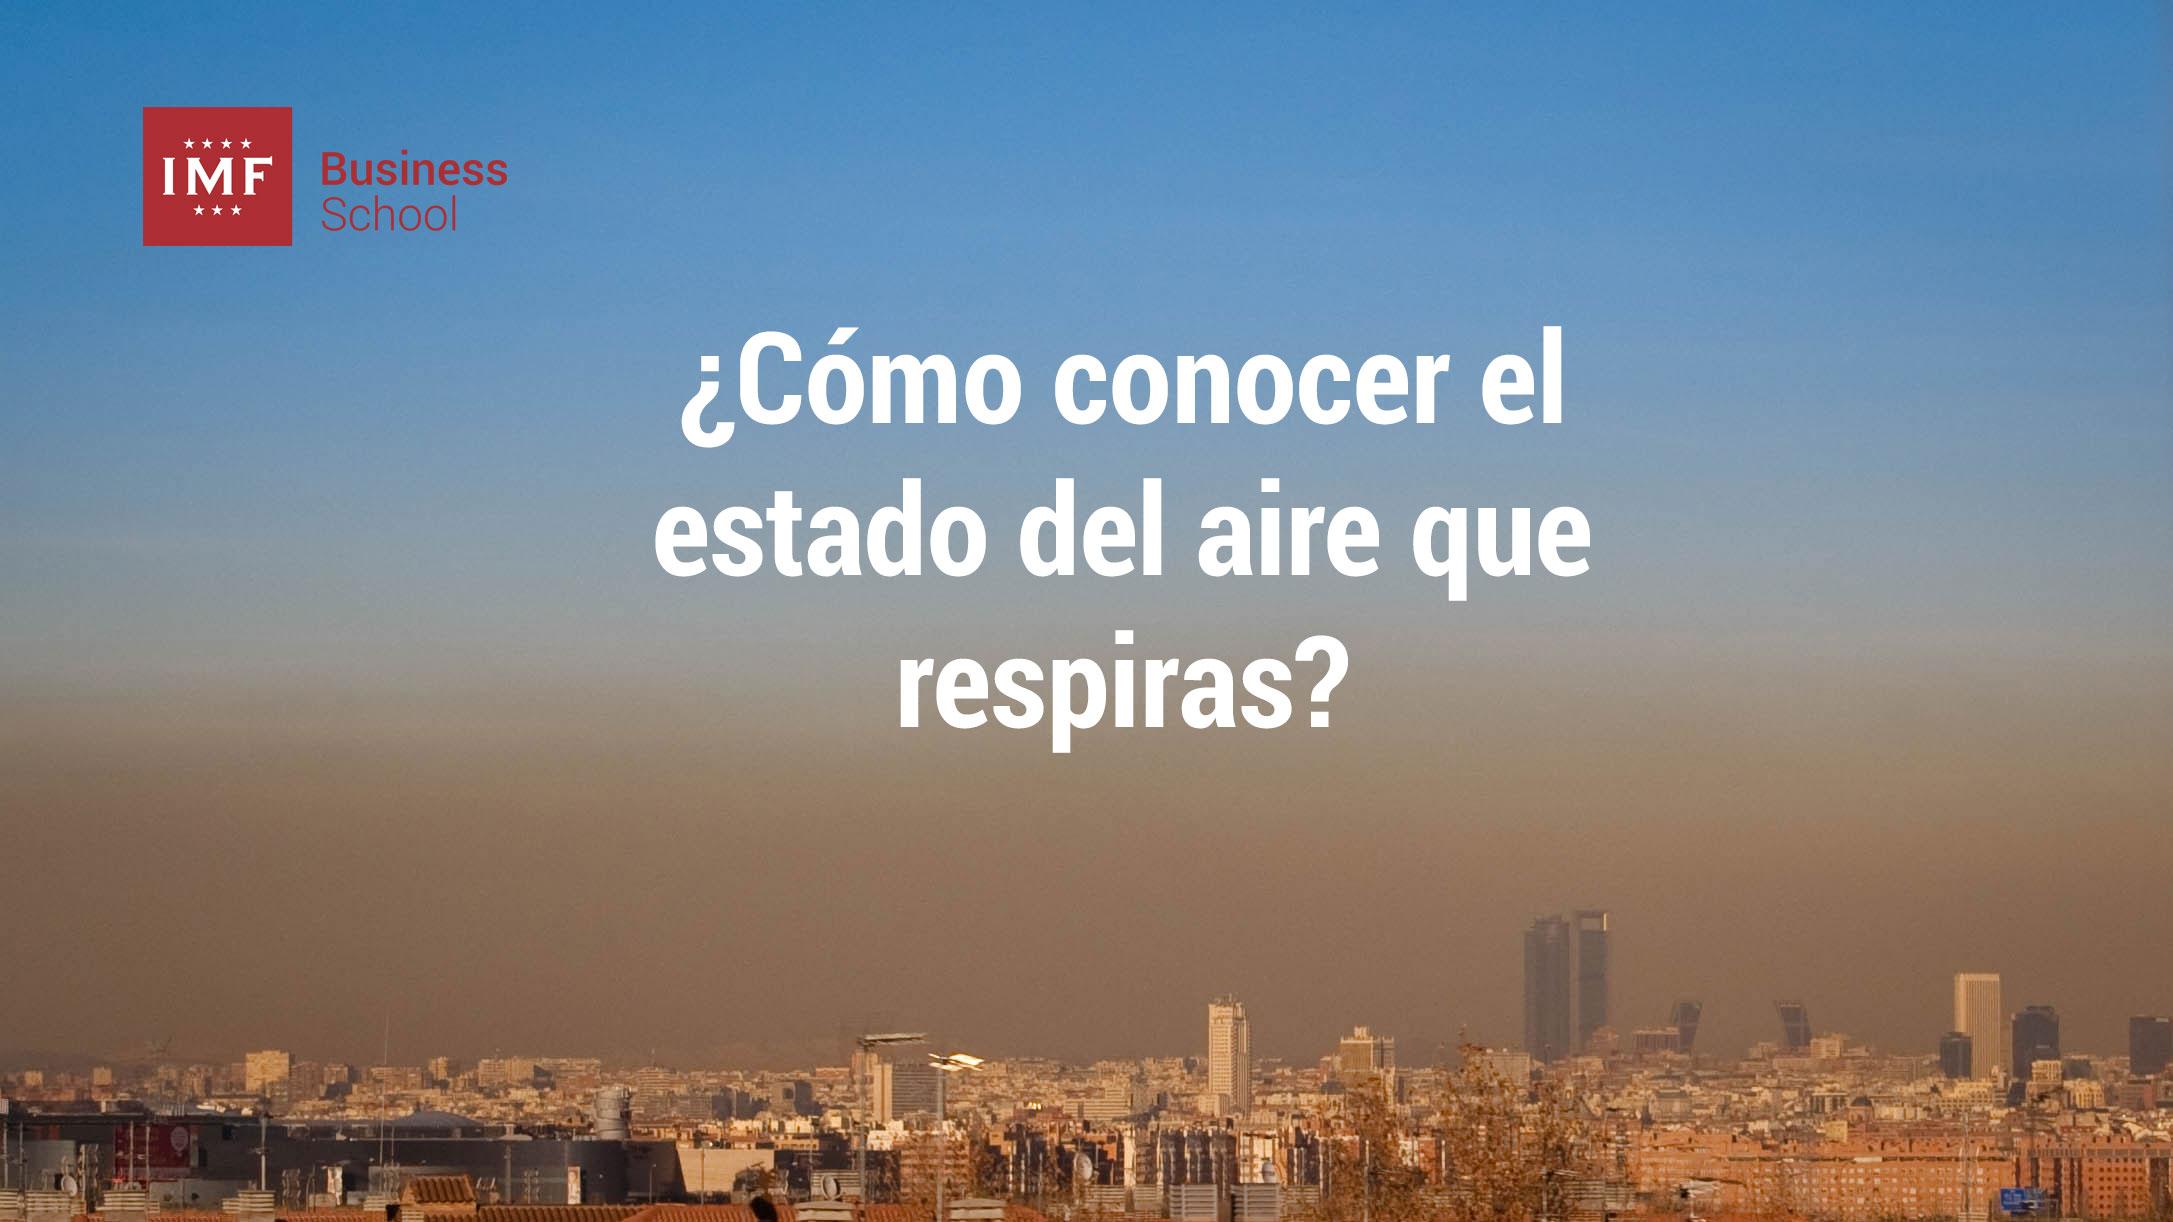 como conocer el estado del aire que respiras